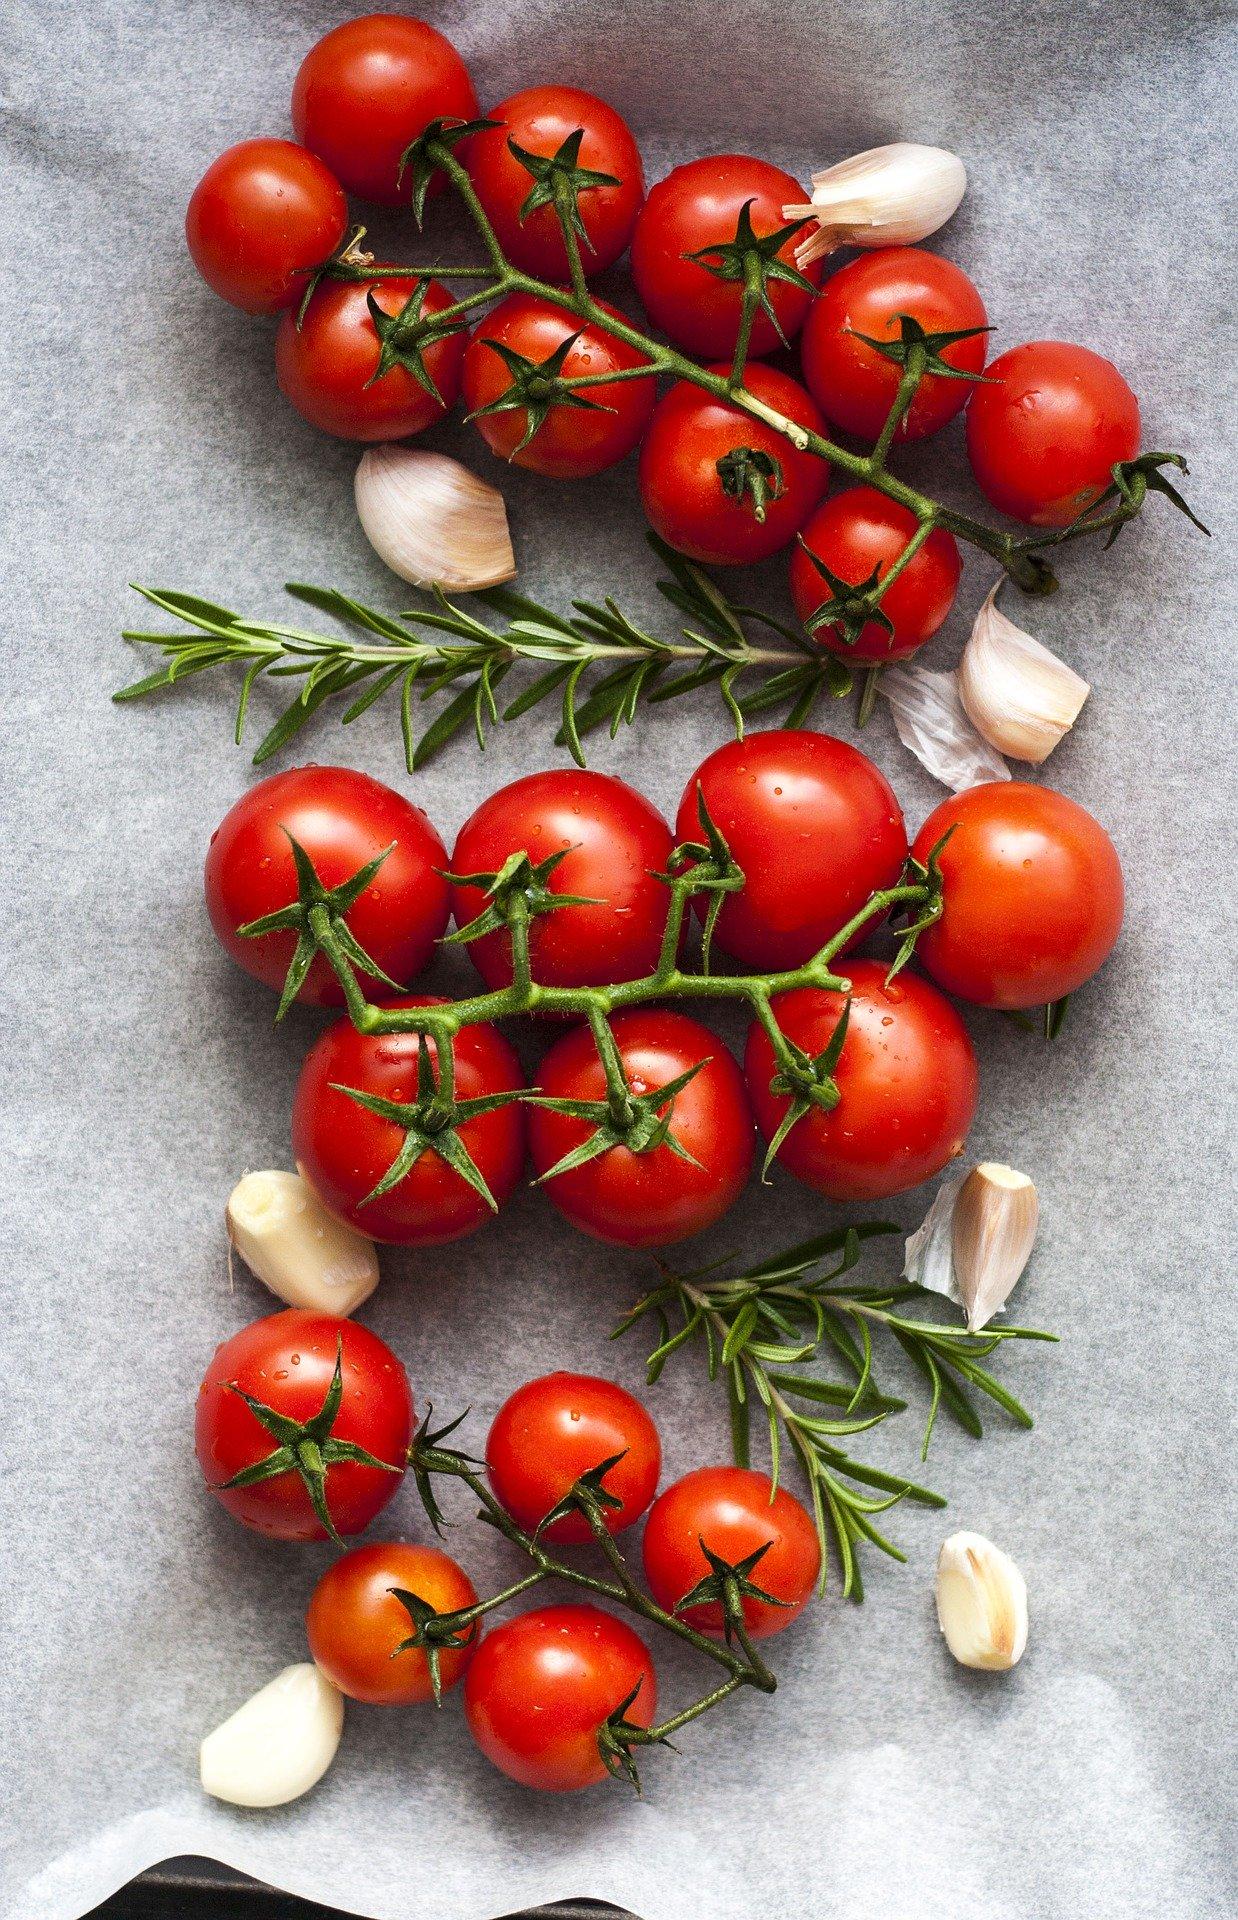 Pomodori in gravidanza: si possono mangiare? I consigli dell'esperto